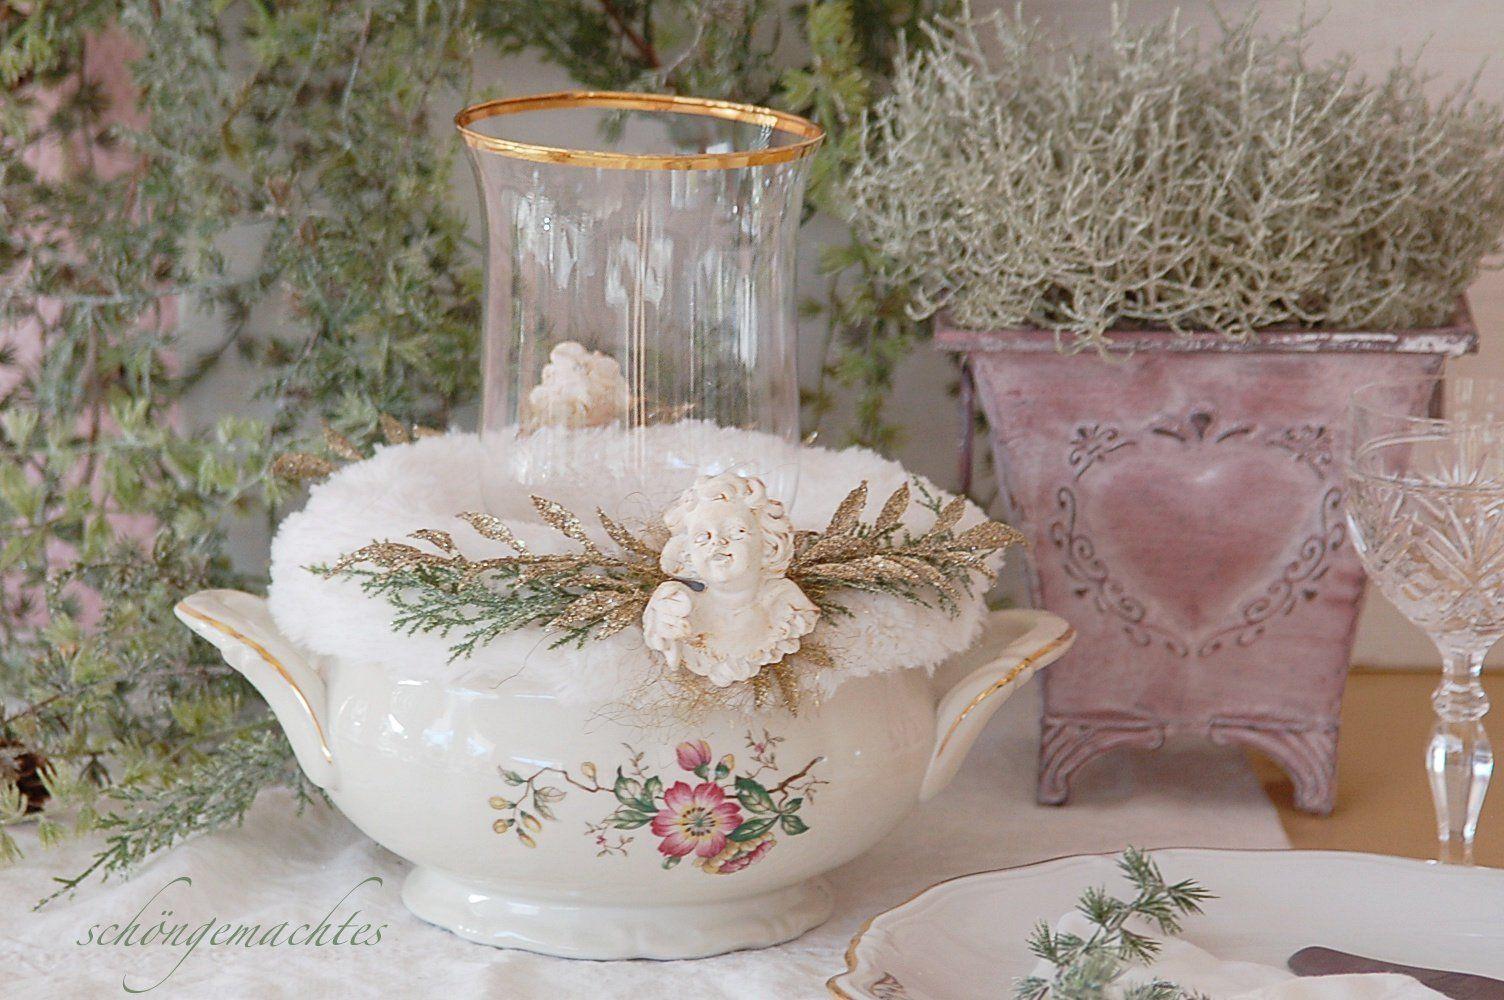 Adventskranz In Terrine Shabby Chic Weihnachtsdekoration Vintage Brocante Weihnachten Romantisch 14 Shabby Chic Shabby Glassware